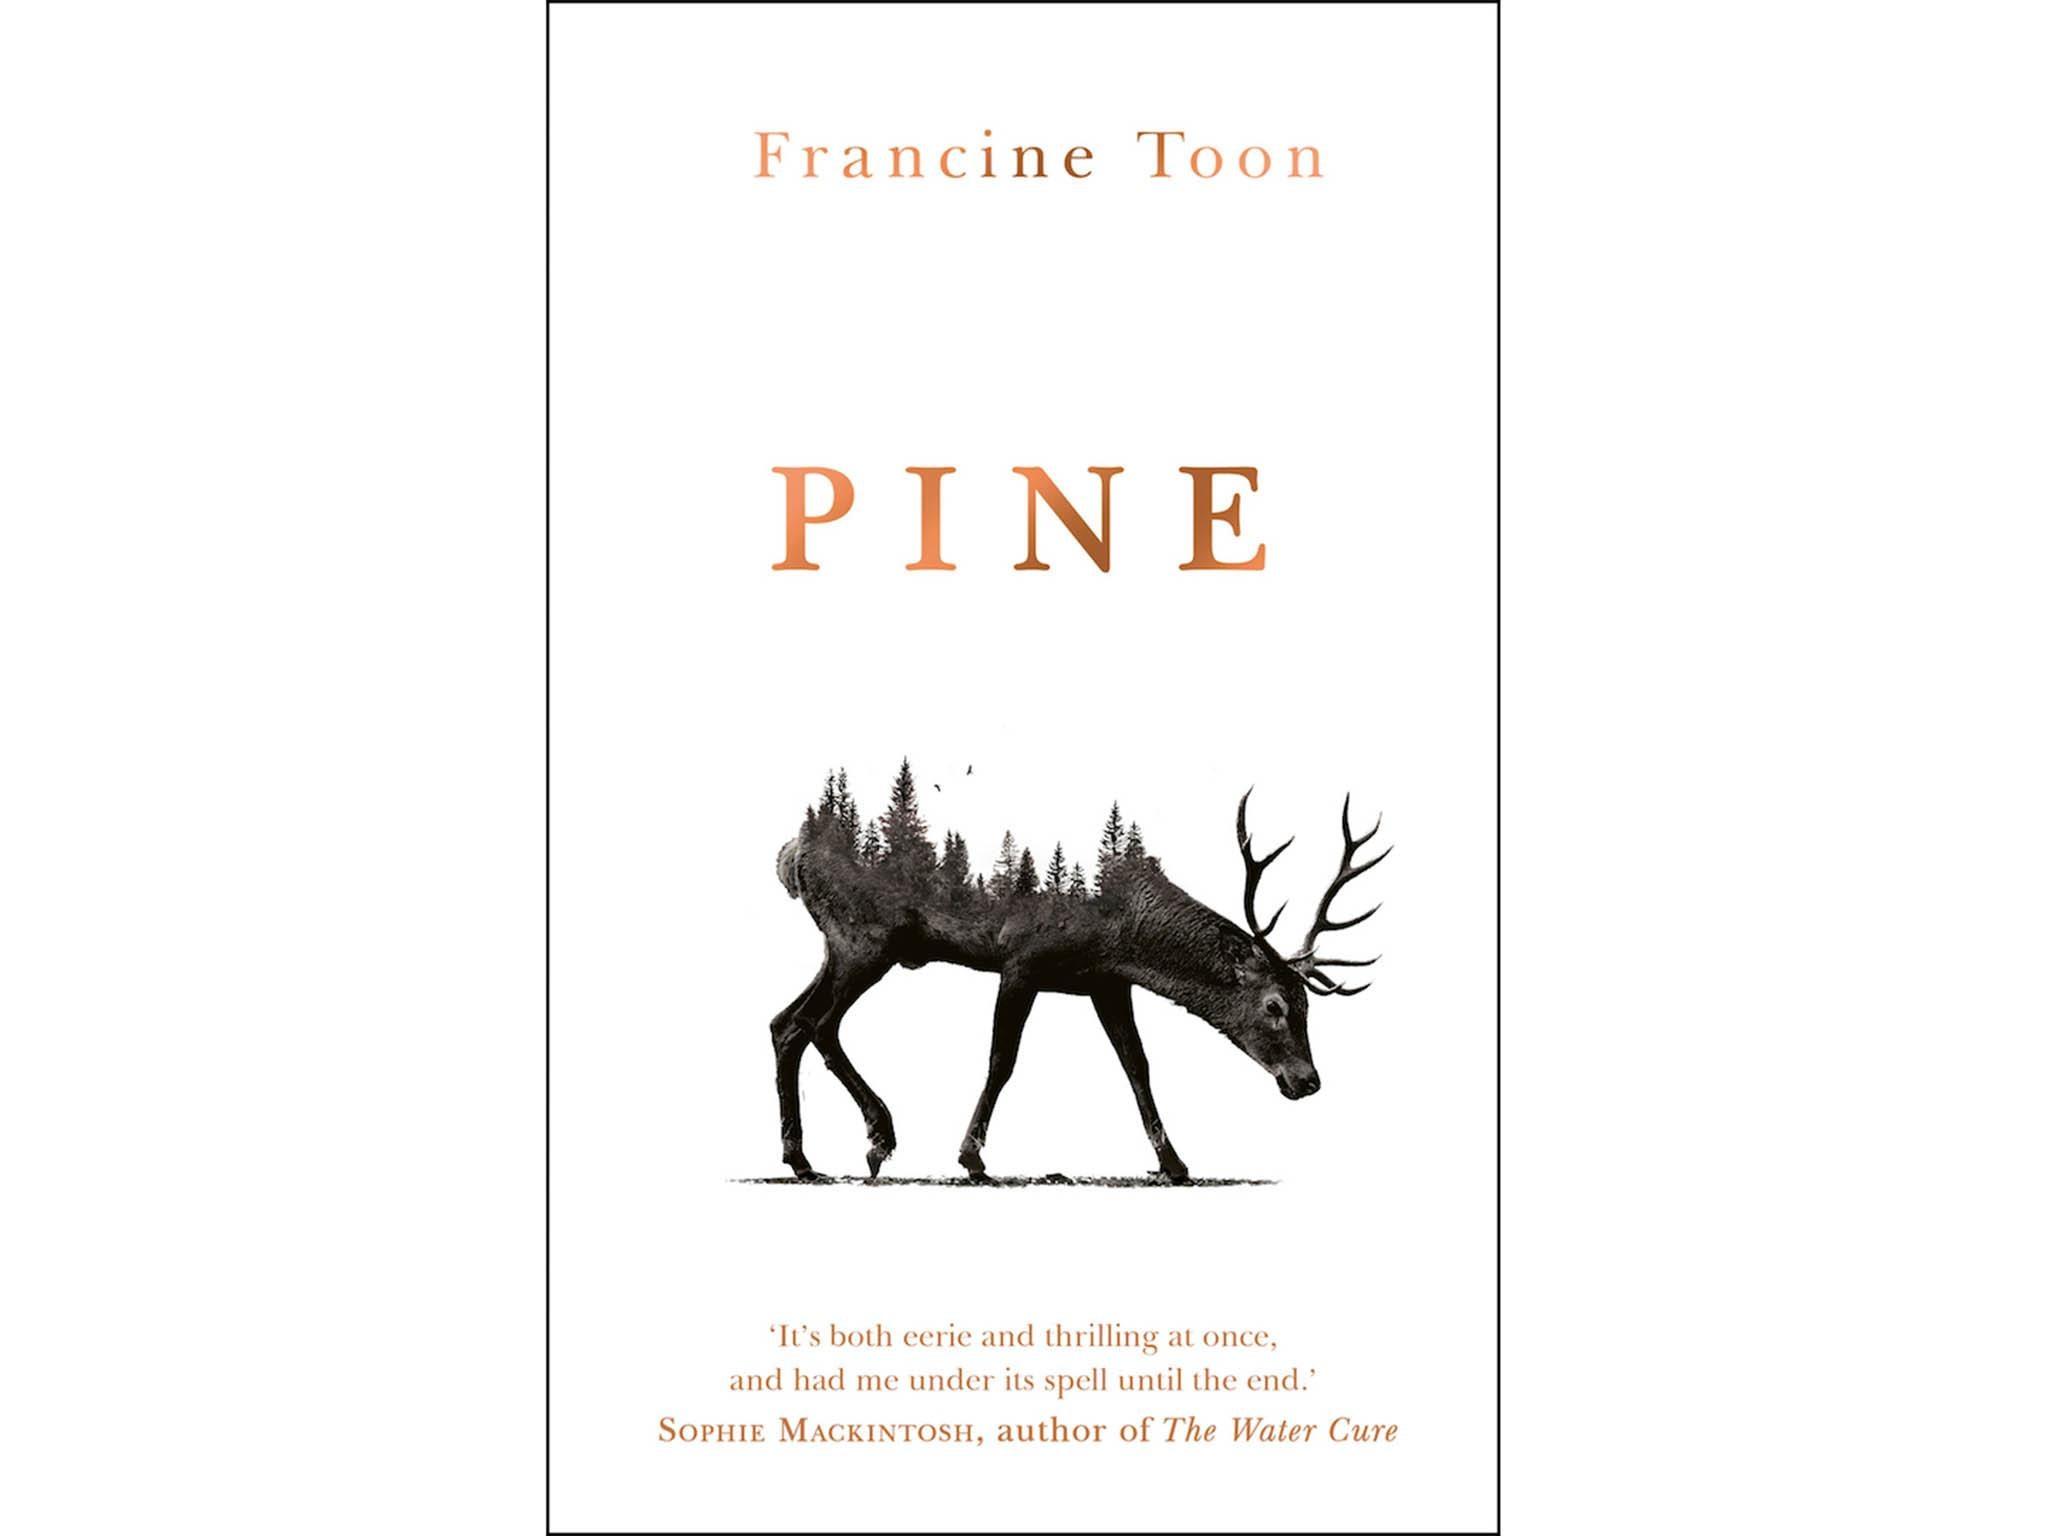 """كتاب """"باين"""" للكاتبة فرانسين تون"""